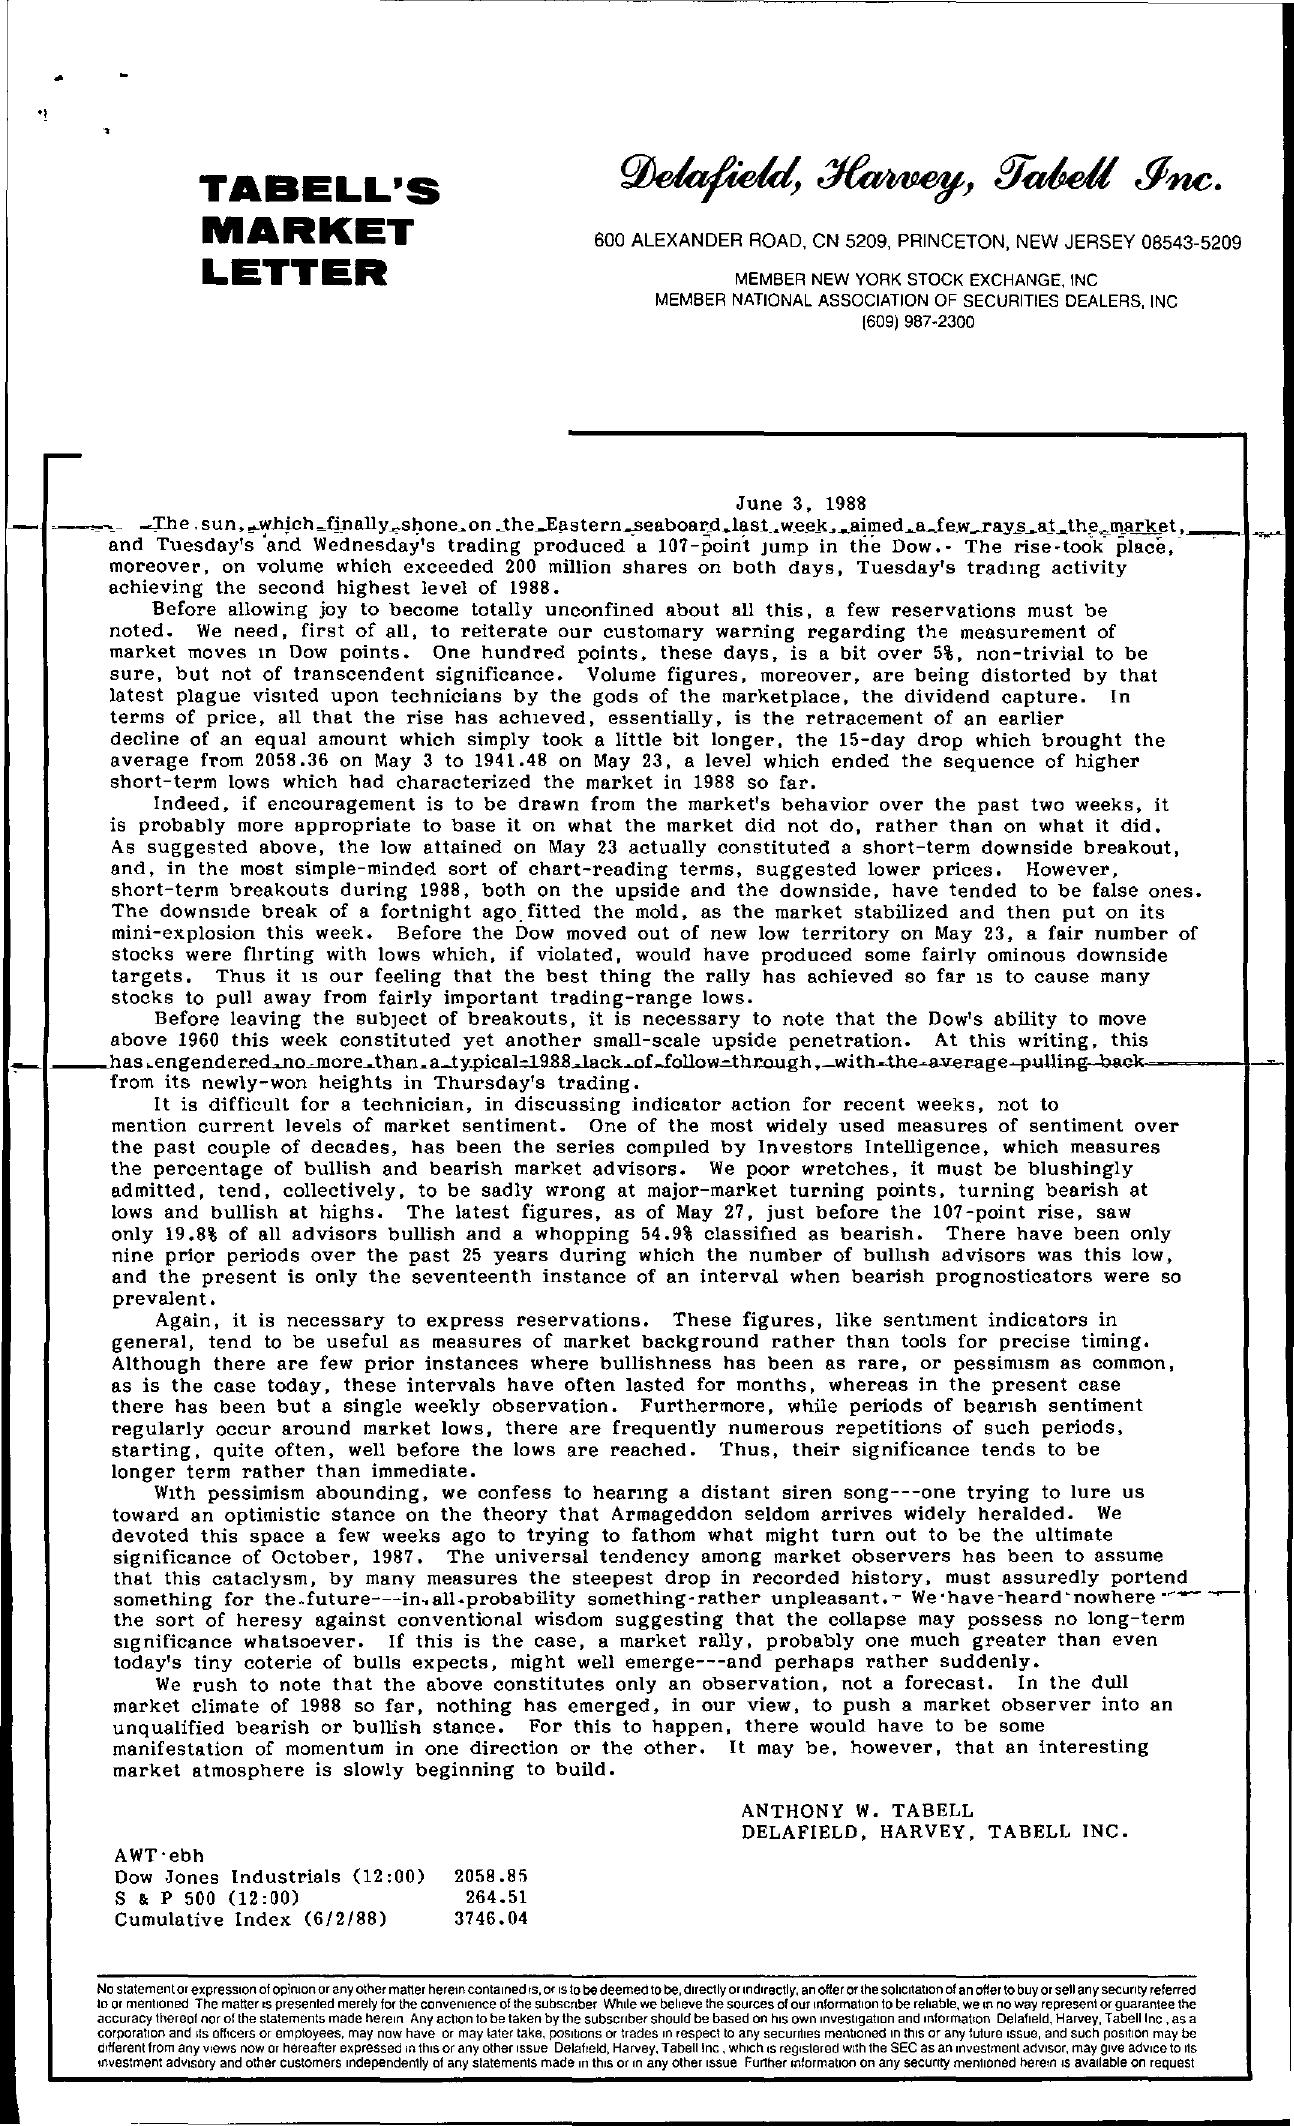 Tabell's Market Letter - June 03, 1988